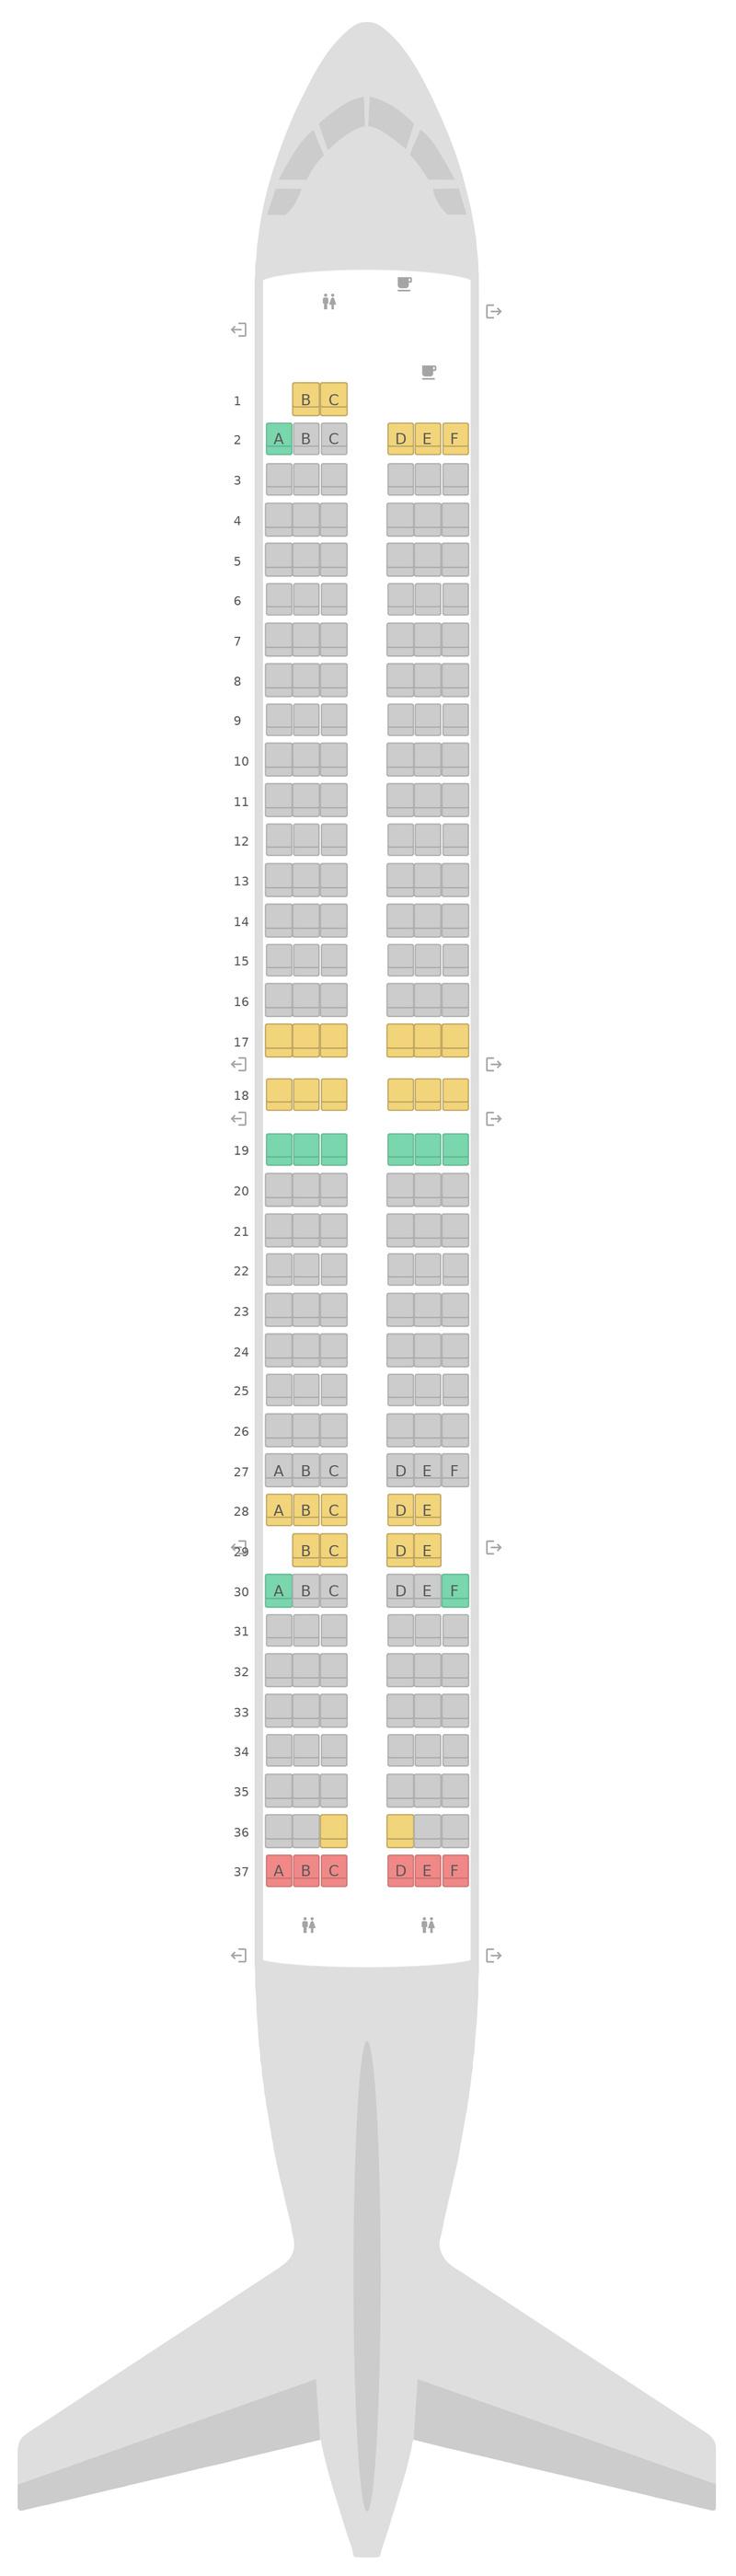 Seat Map Ukraine International Airlines Boeing 737-900ER (739)